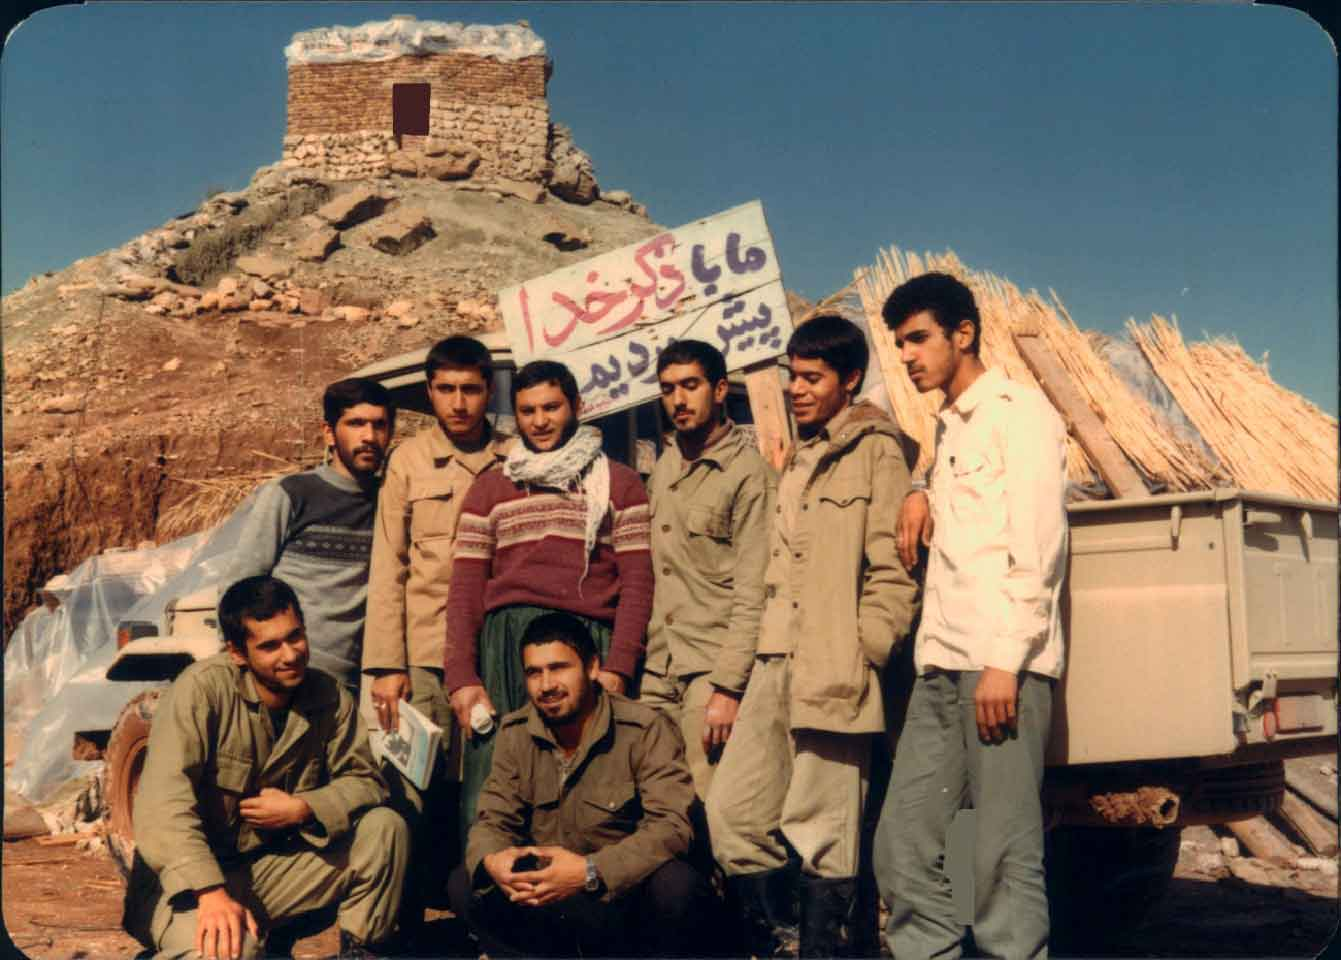 دیدگاه شهید سعید امین-منطقه عملیاتی قصر شیرین - 1363